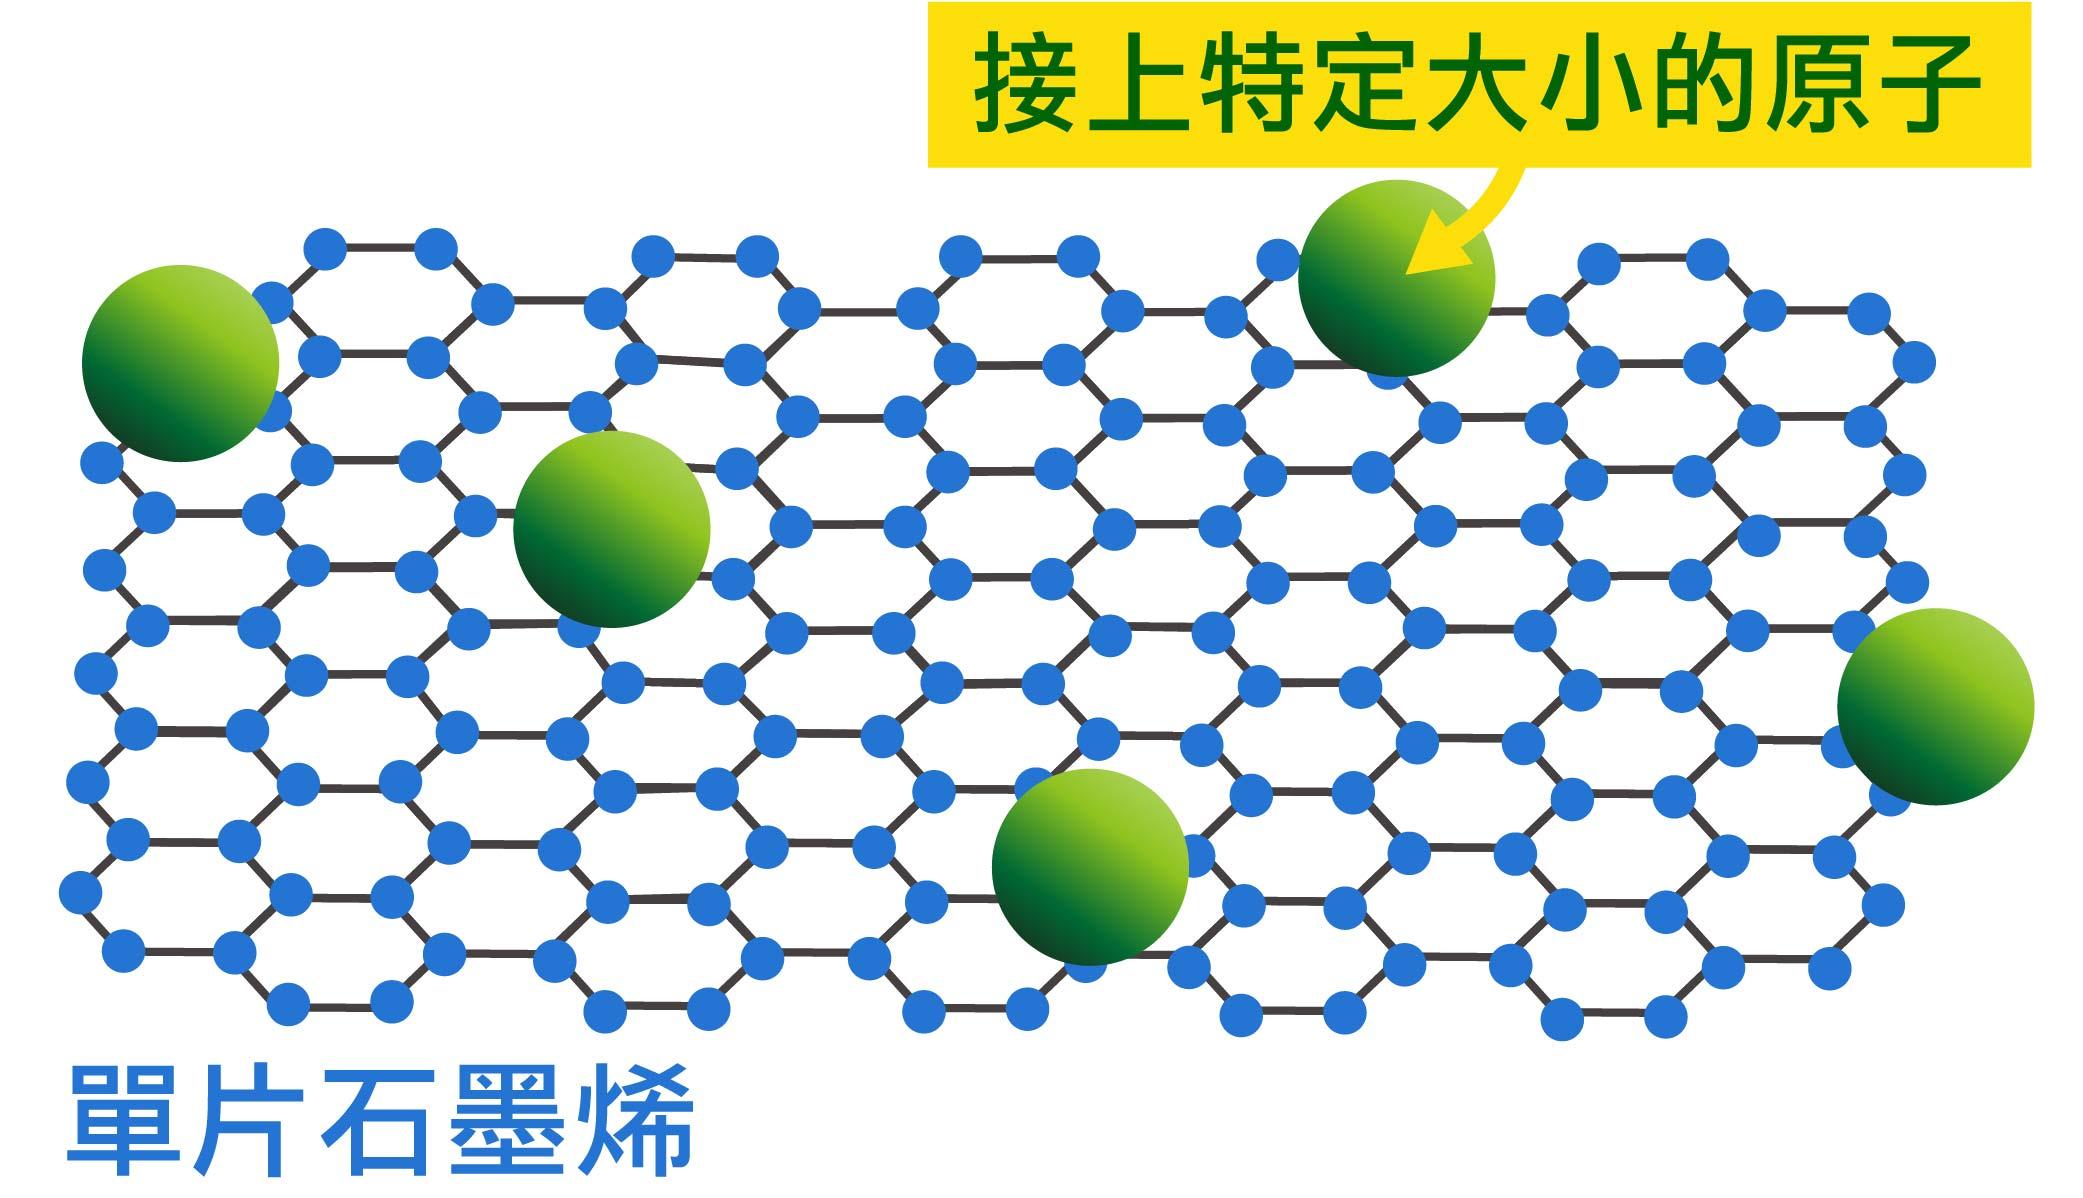 看元素周期表,就能知道不同原子的大小,並依據理論計算,在單片石墨烯接上指定大小的原子,例如氮原子、氧原子。 資料來源│顏宏儒圖說設計│林婷嫻、林洵安